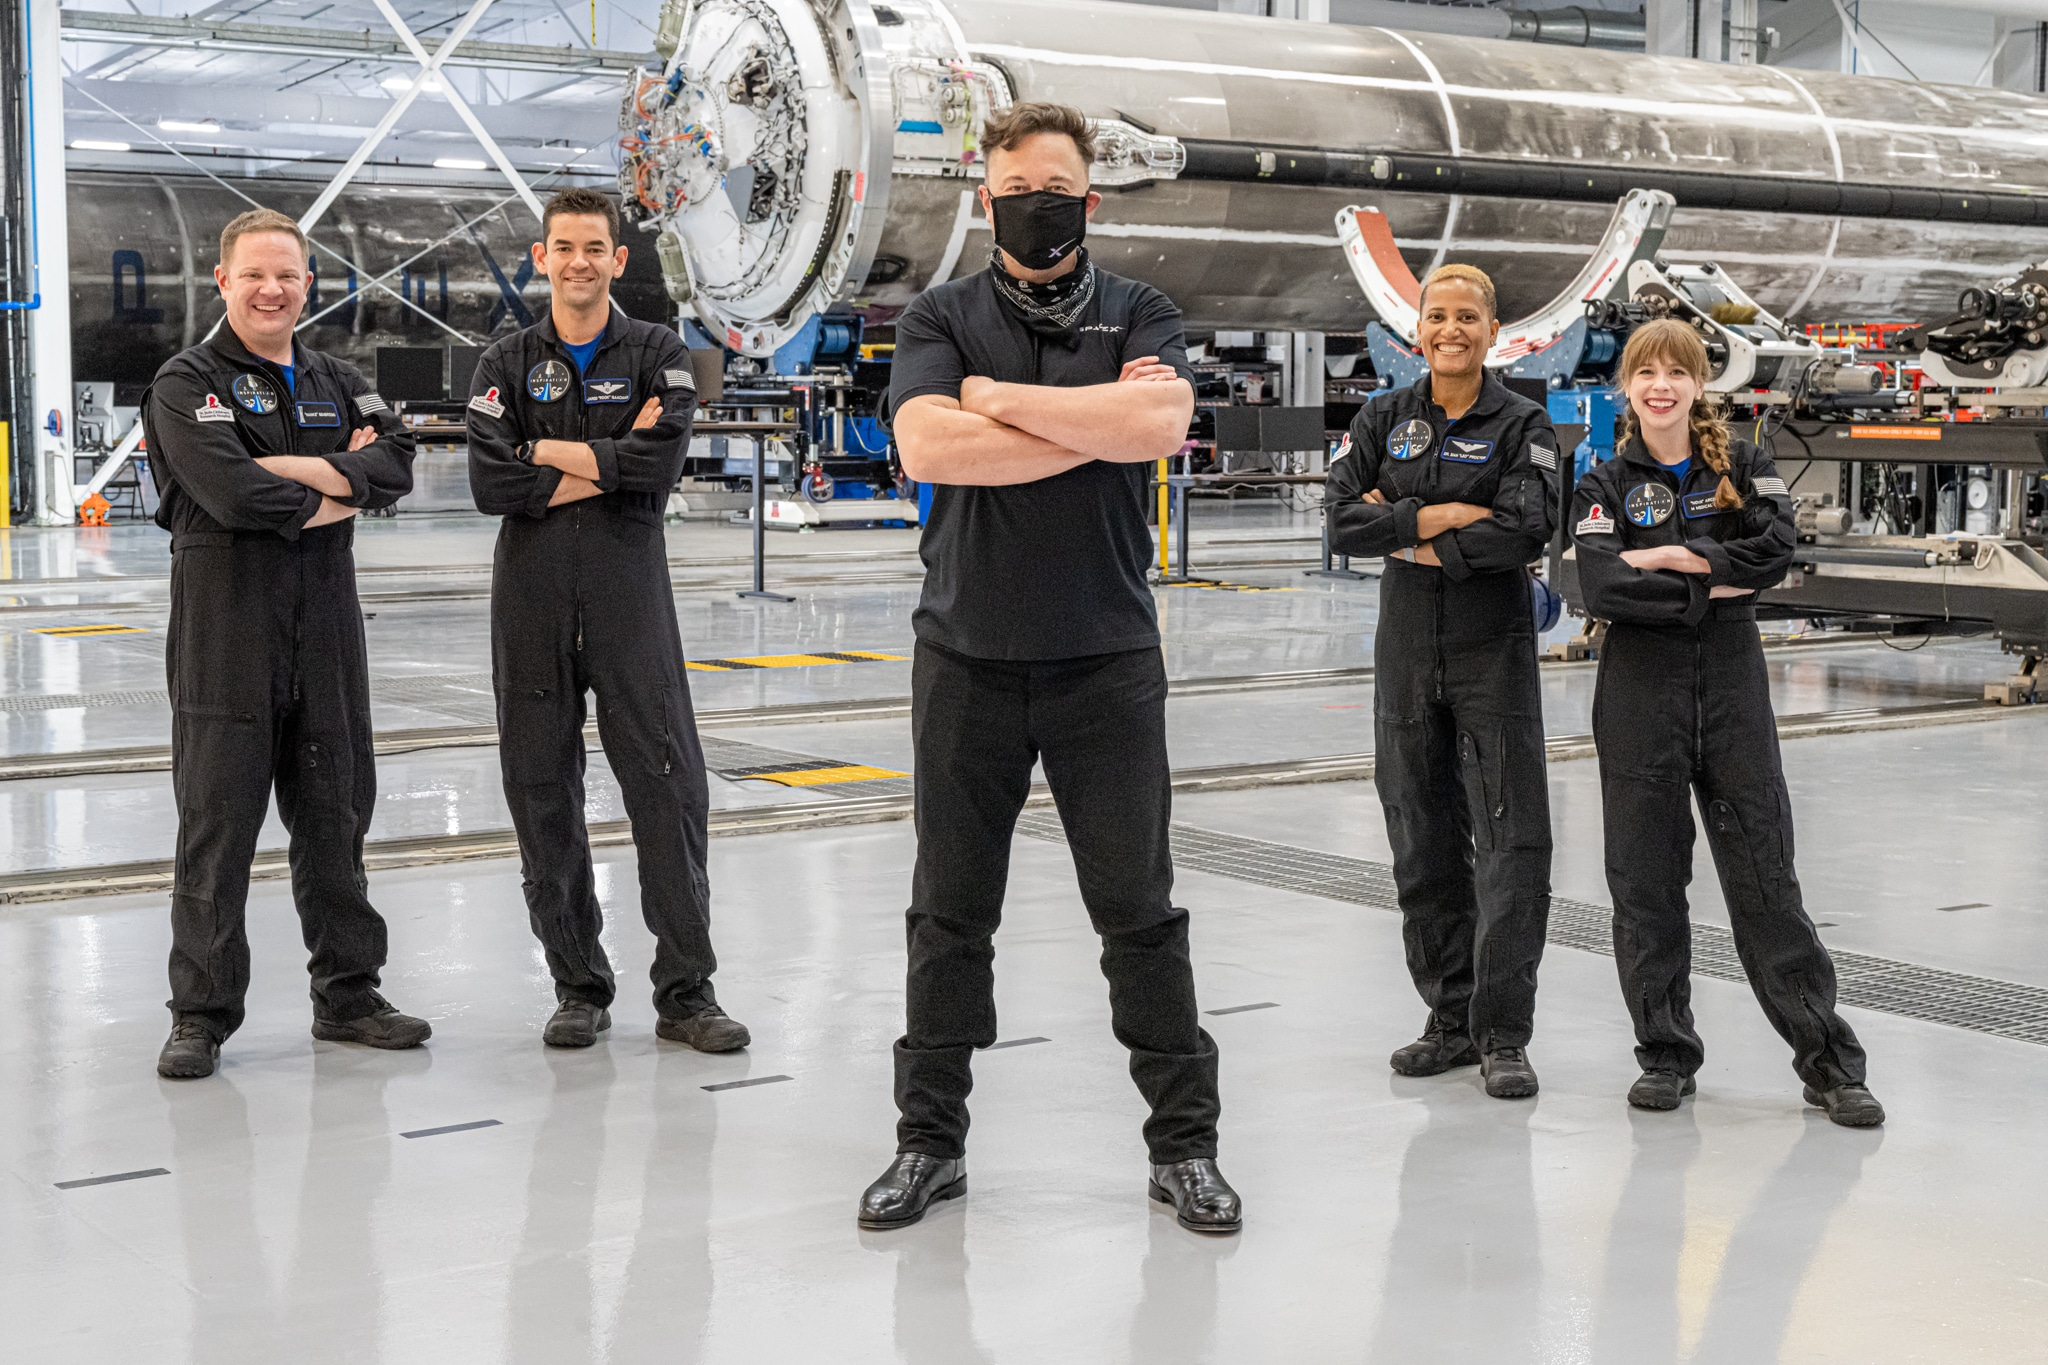 L'equipaggio di Inspiration4 con Elon Musk. Crediti: Inspiration4 / John Kraus